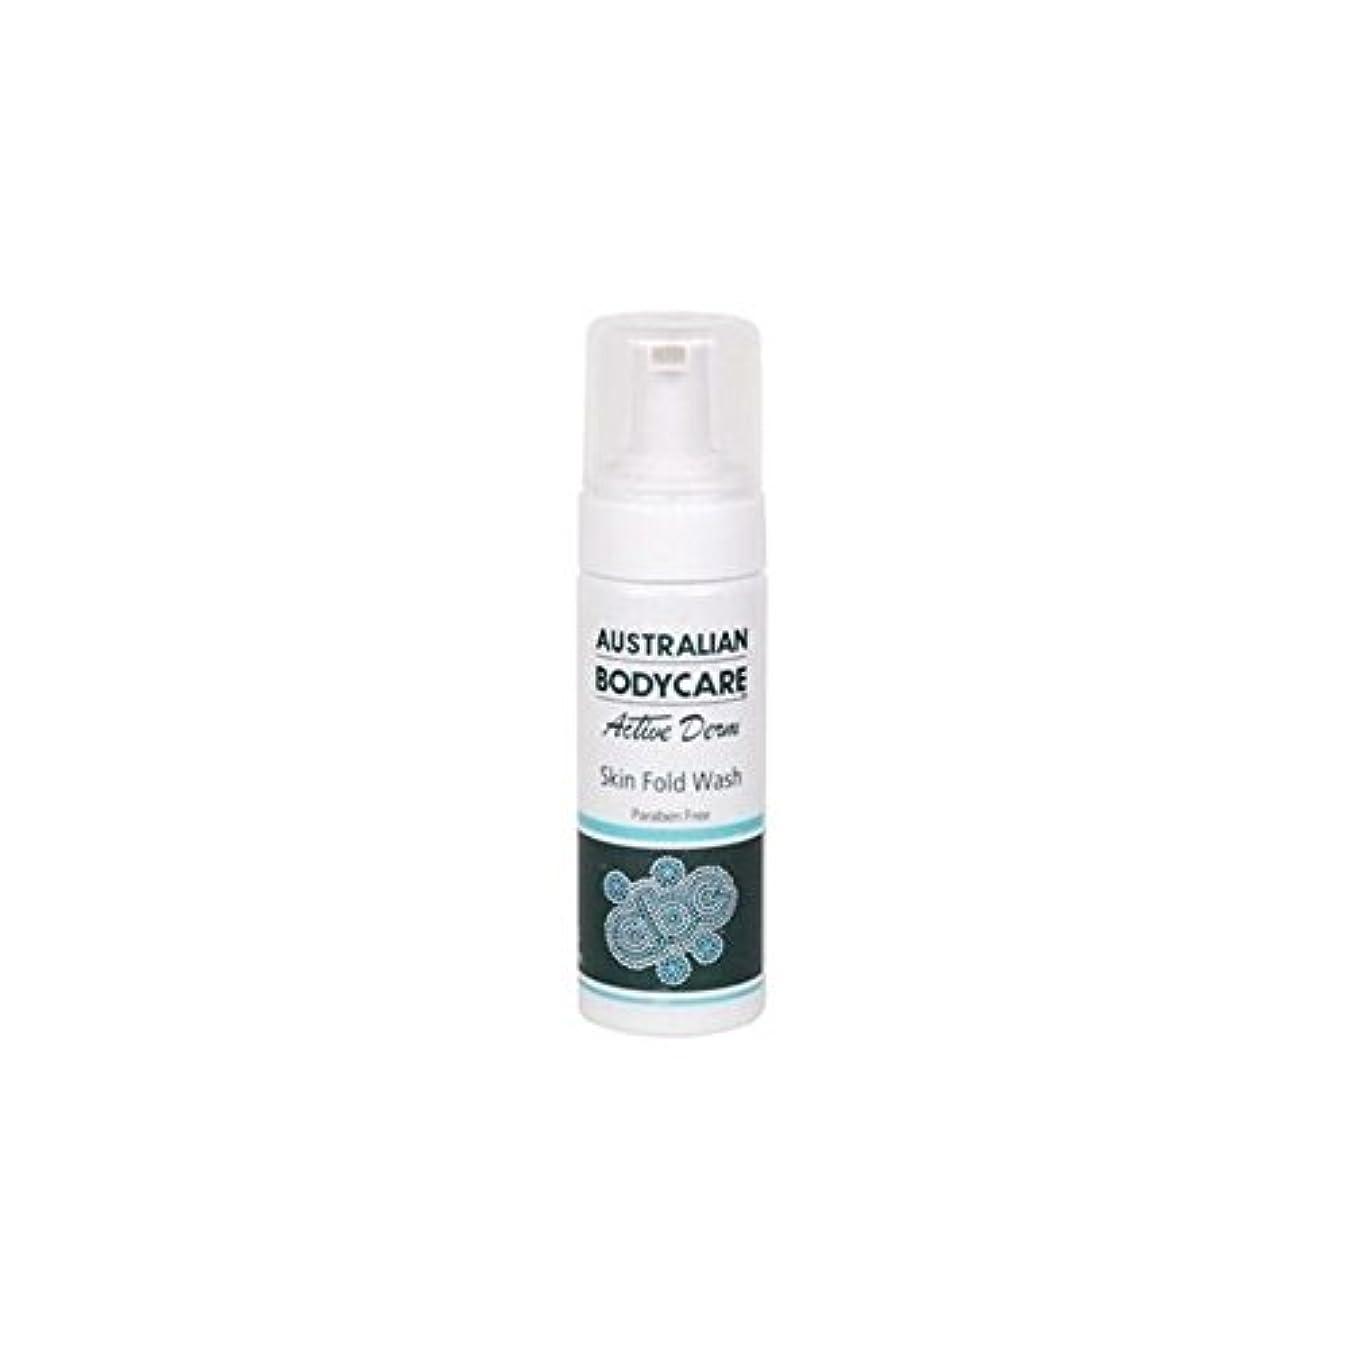 適合しました以内にクリークオーストラリアのボディケアアクティブダームの皮膚のひだの洗浄(150ミリリットル) x2 - Australian Bodycare Active Derm Skin Fold Wash (150ml) (Pack of...